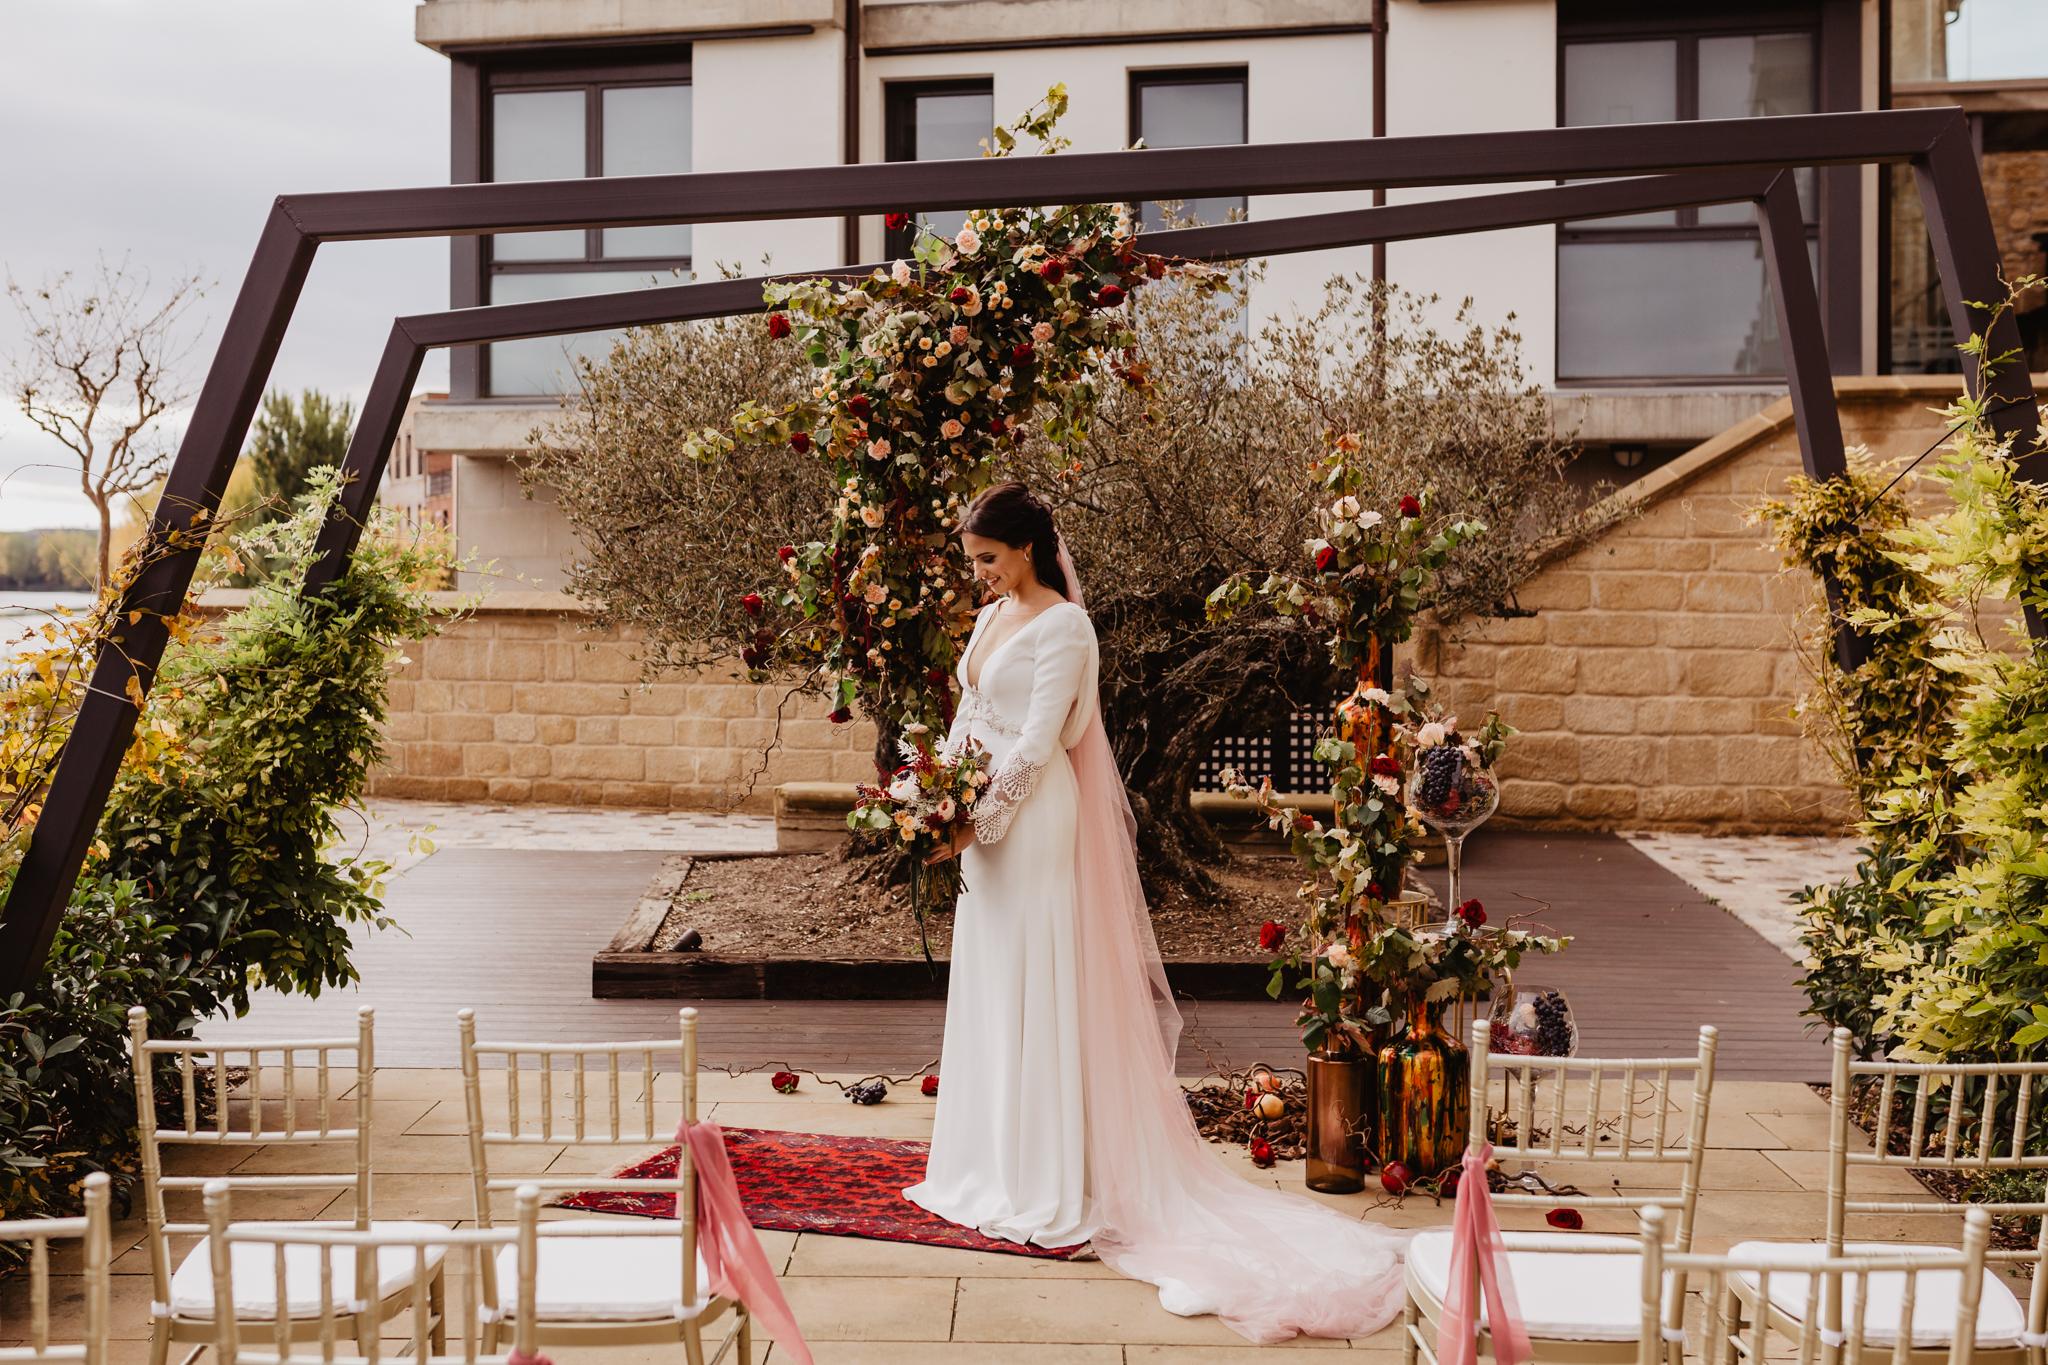 Novia posando en el altar con sillas tiffany doradas para los invitados